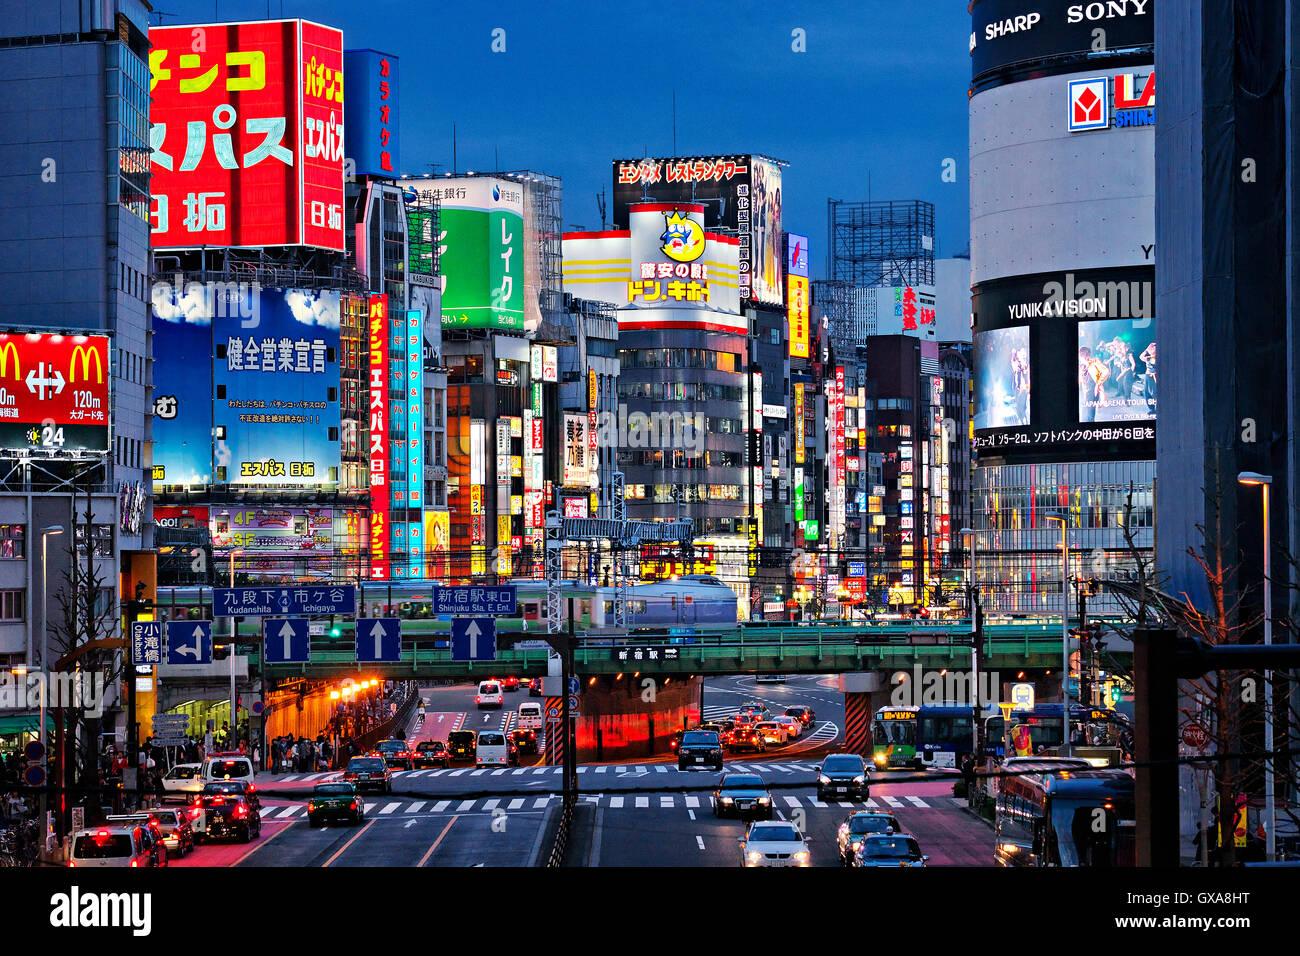 La isla de Japón, Honshu, Kanto, distrito de Shinjuku, Tokio por la noche. Imagen De Stock